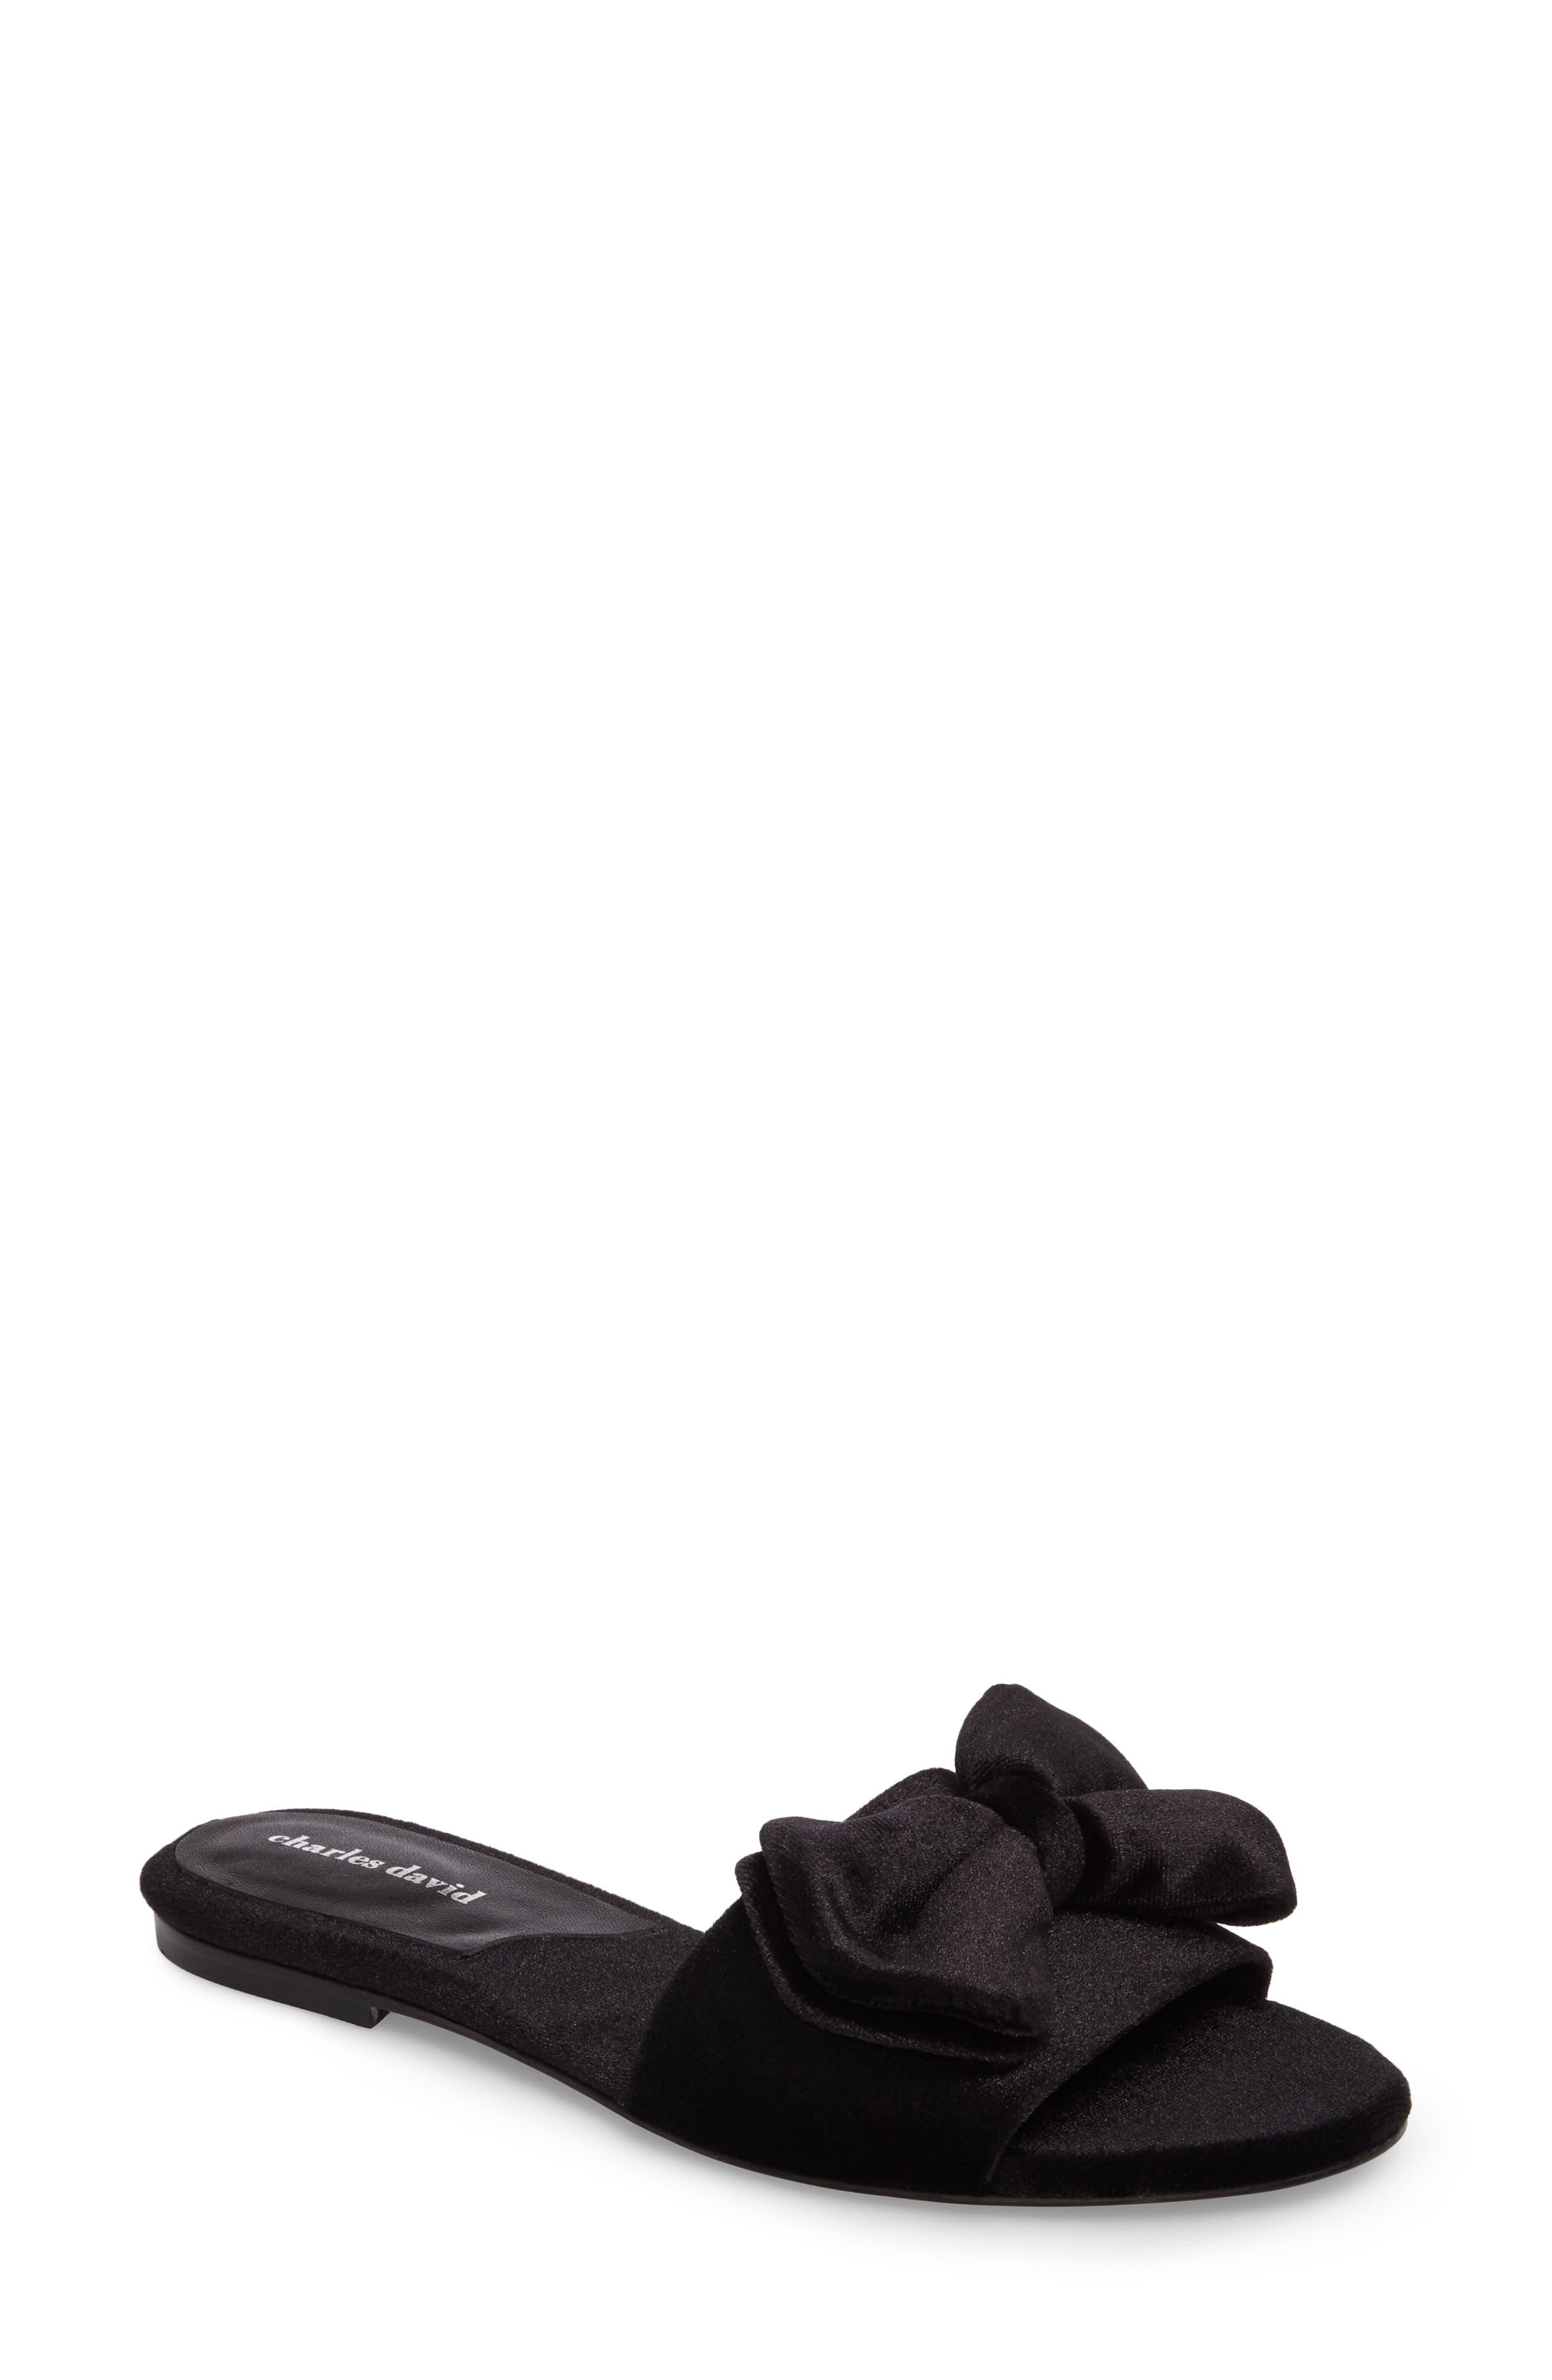 Bow Slide Sandal,                             Main thumbnail 1, color,                             Black Velvet